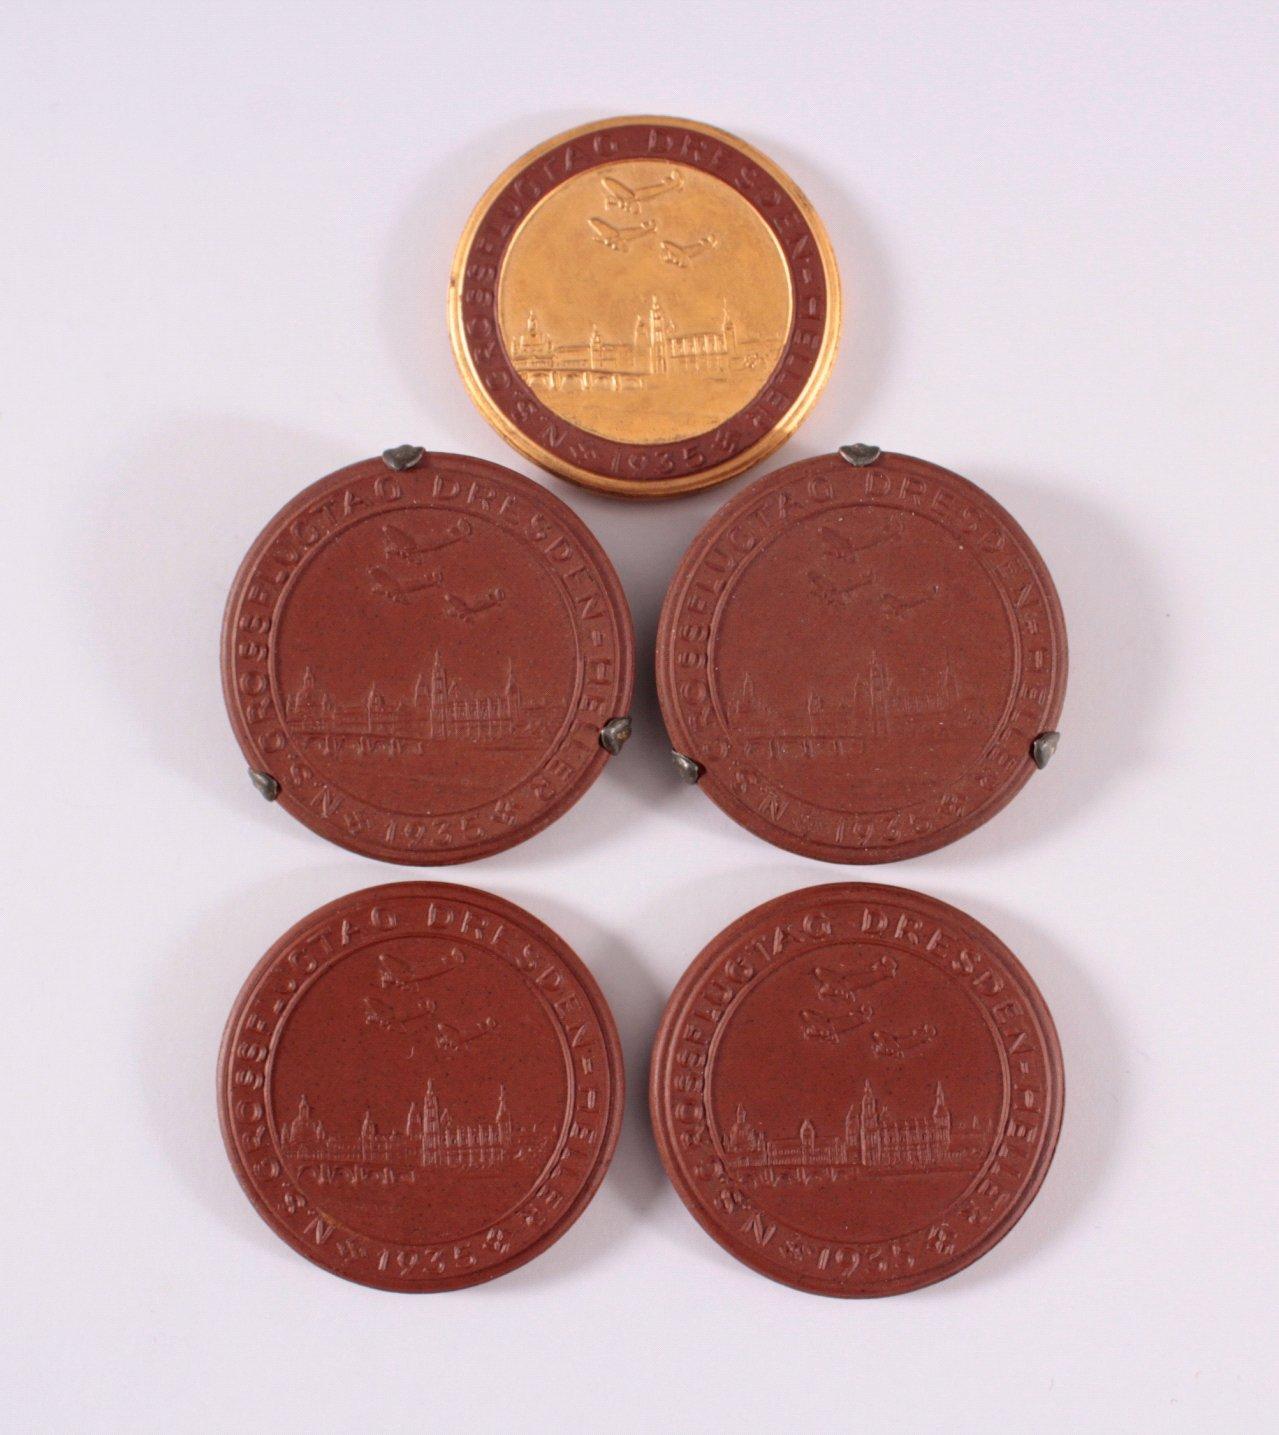 5 Steinzeug Medaillen N.S. Grossflugtag Dresden-Heller 1935